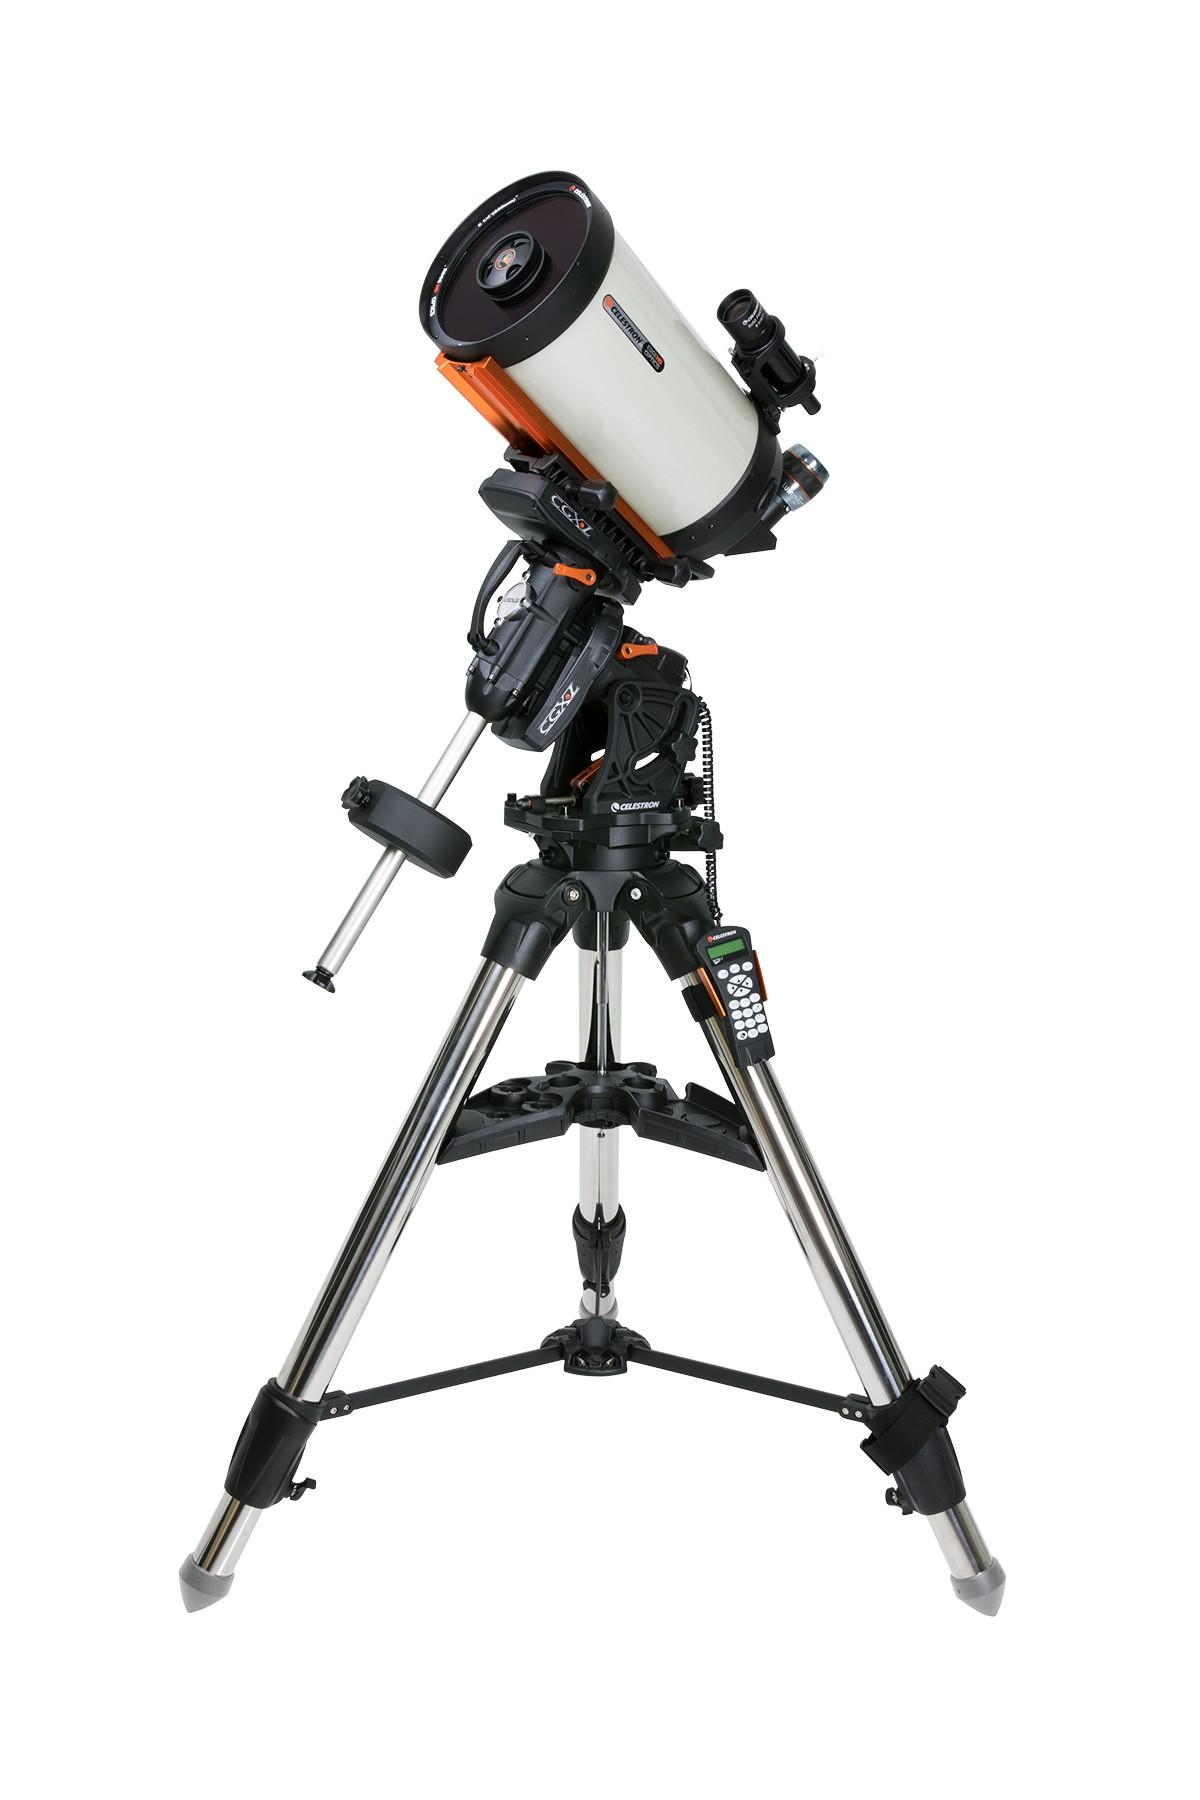 CGX-L 925 EdgeHD